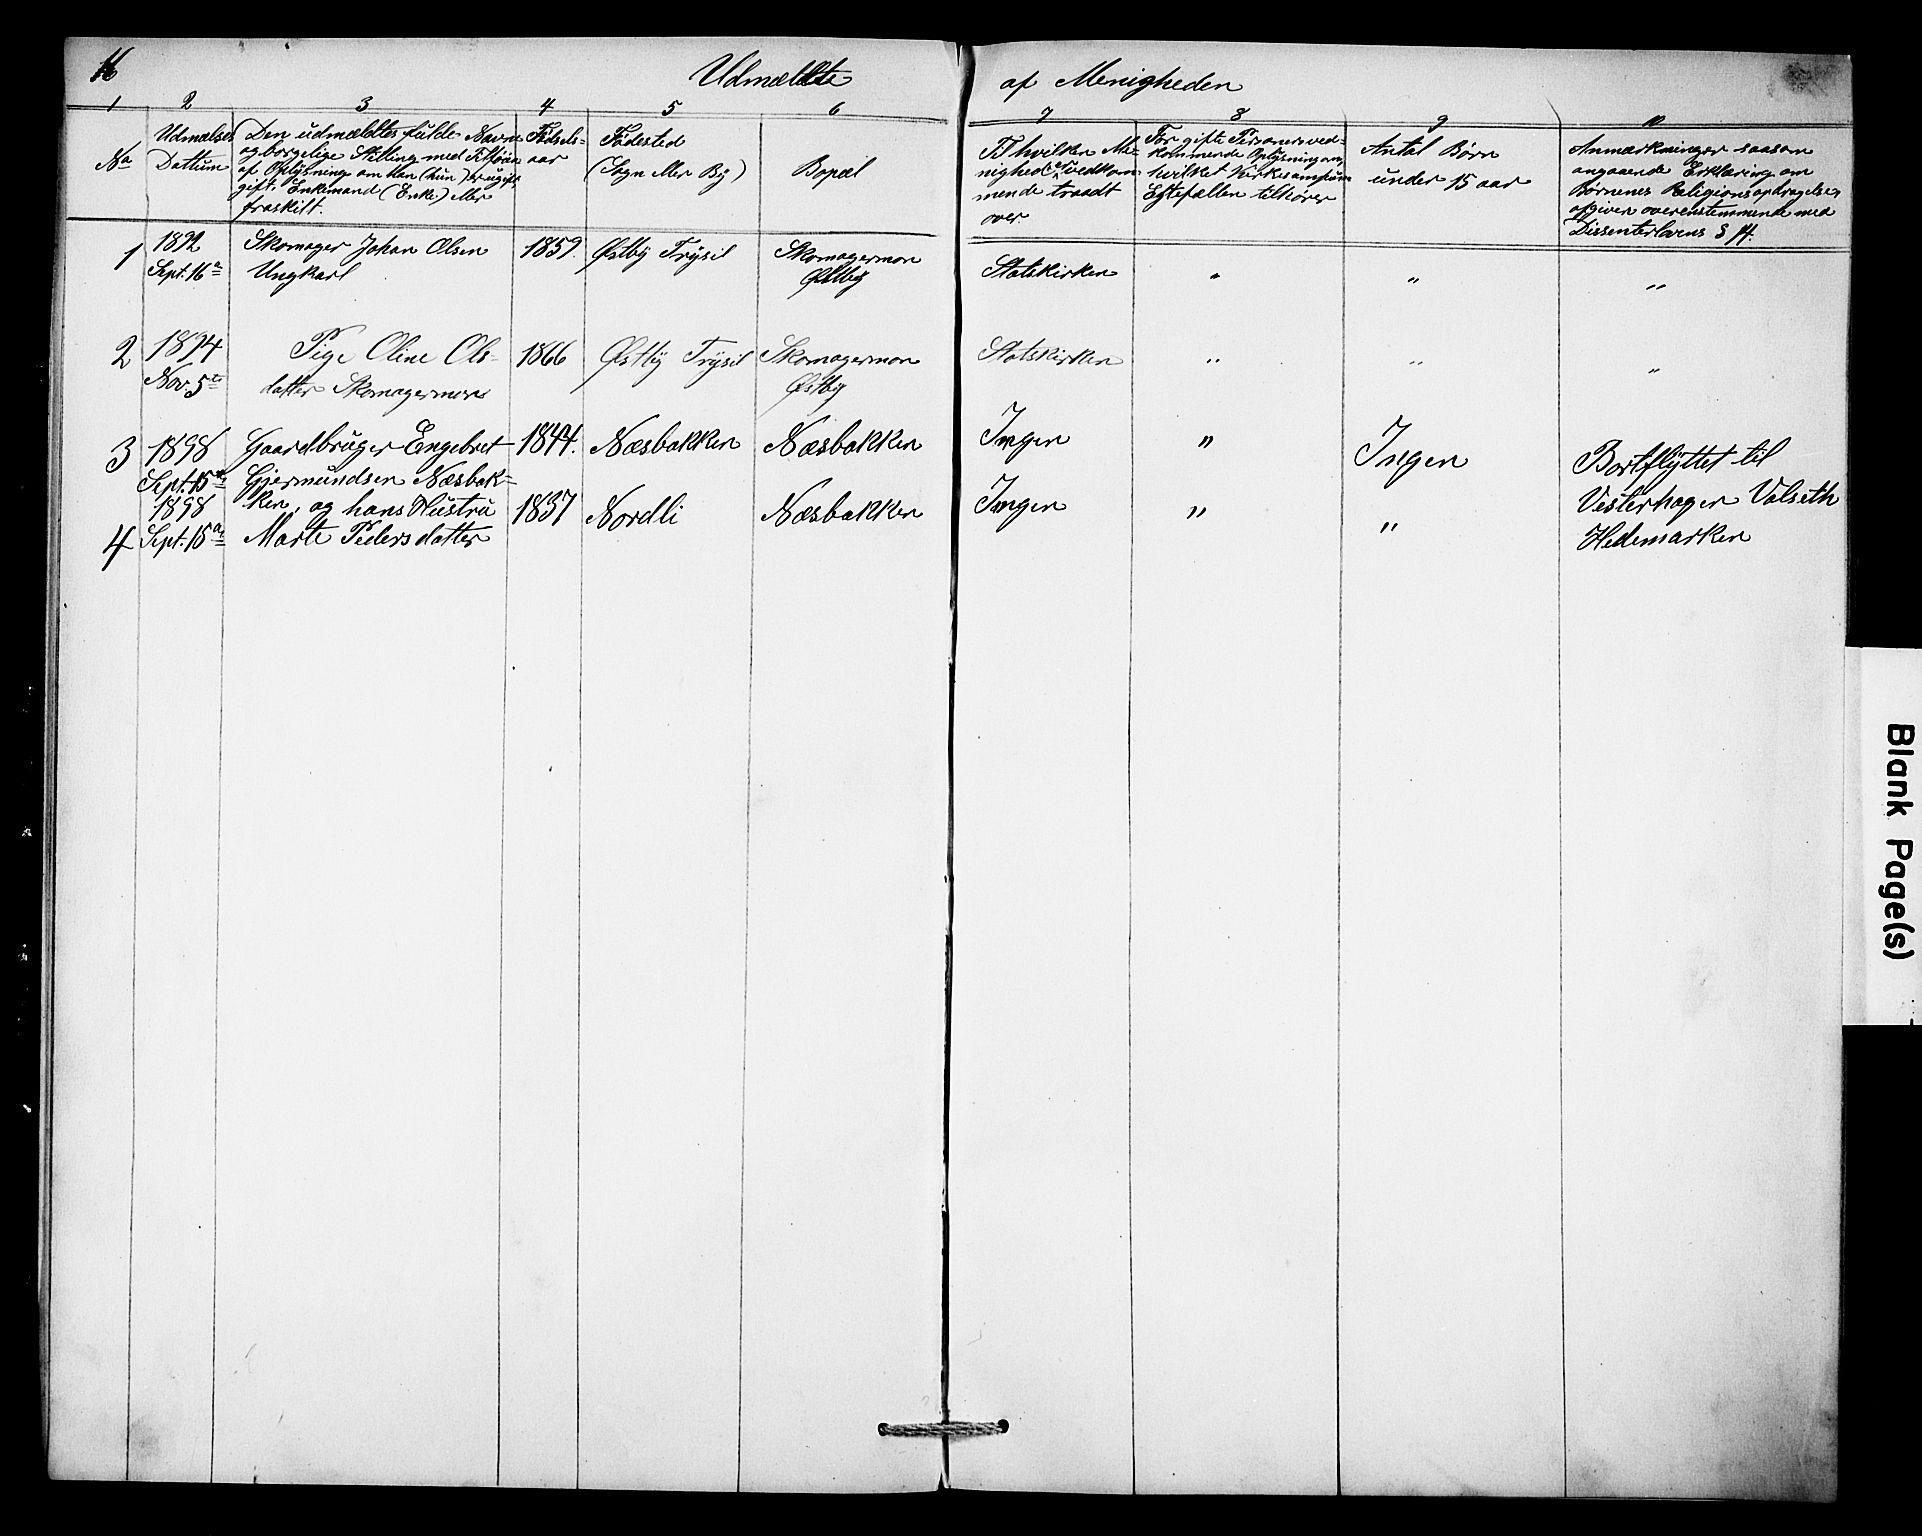 SAH, Misjonsforbundet, 01/L0003: Dissenter register no. 3, 1892-1920, p. 16